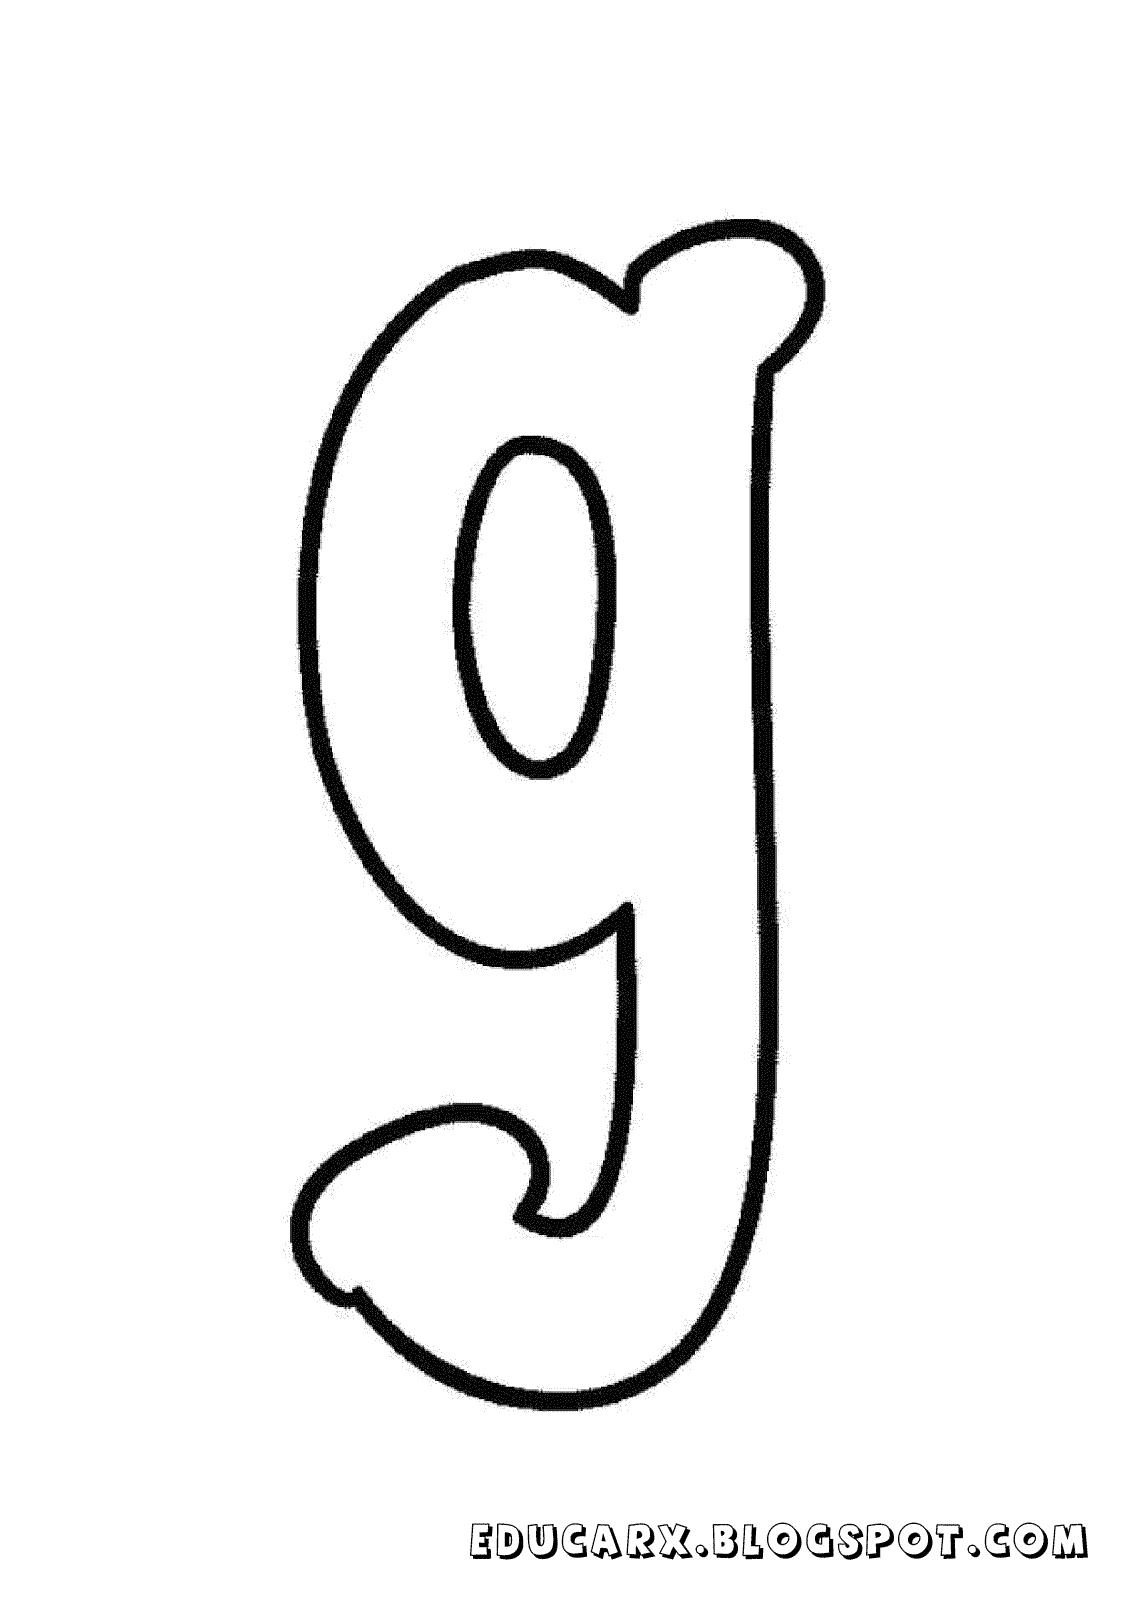 Molde da letra minuscula g